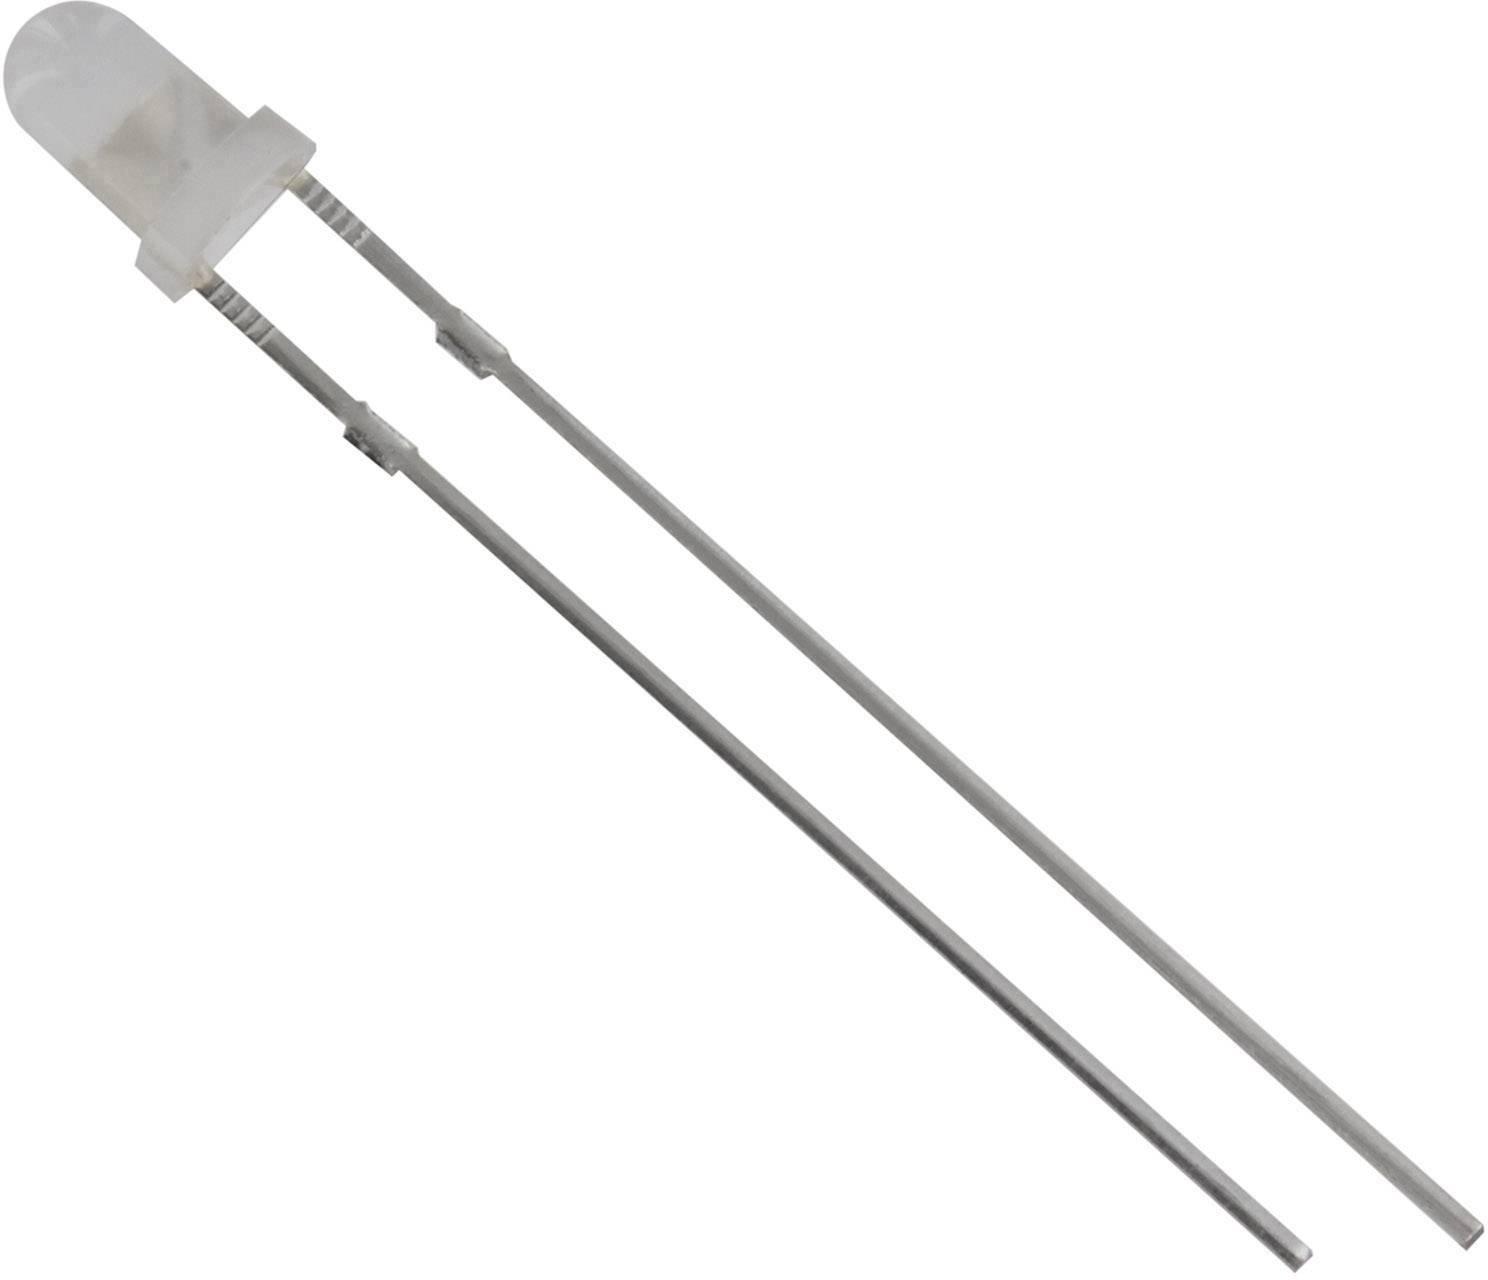 LEDsvývodmi HuiYuan 3034W2D-ESA-B, typ čočky guľatý, 3 mm, 60 °, 20 mA, 1800 mcd, 3.1 V, biela